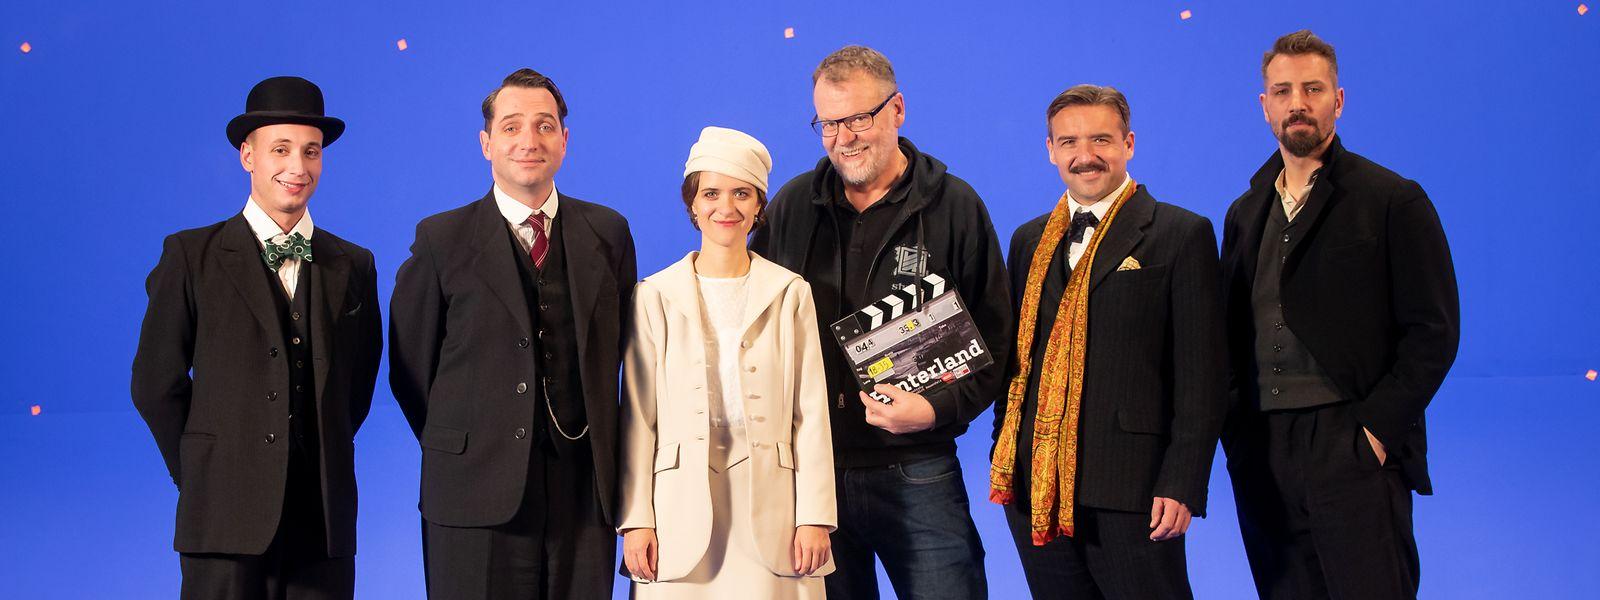 Le film, entièrement réalisé sur fond bleu au Luxembourg, a sollicité une multitude de techniciens et créateurs locaux.